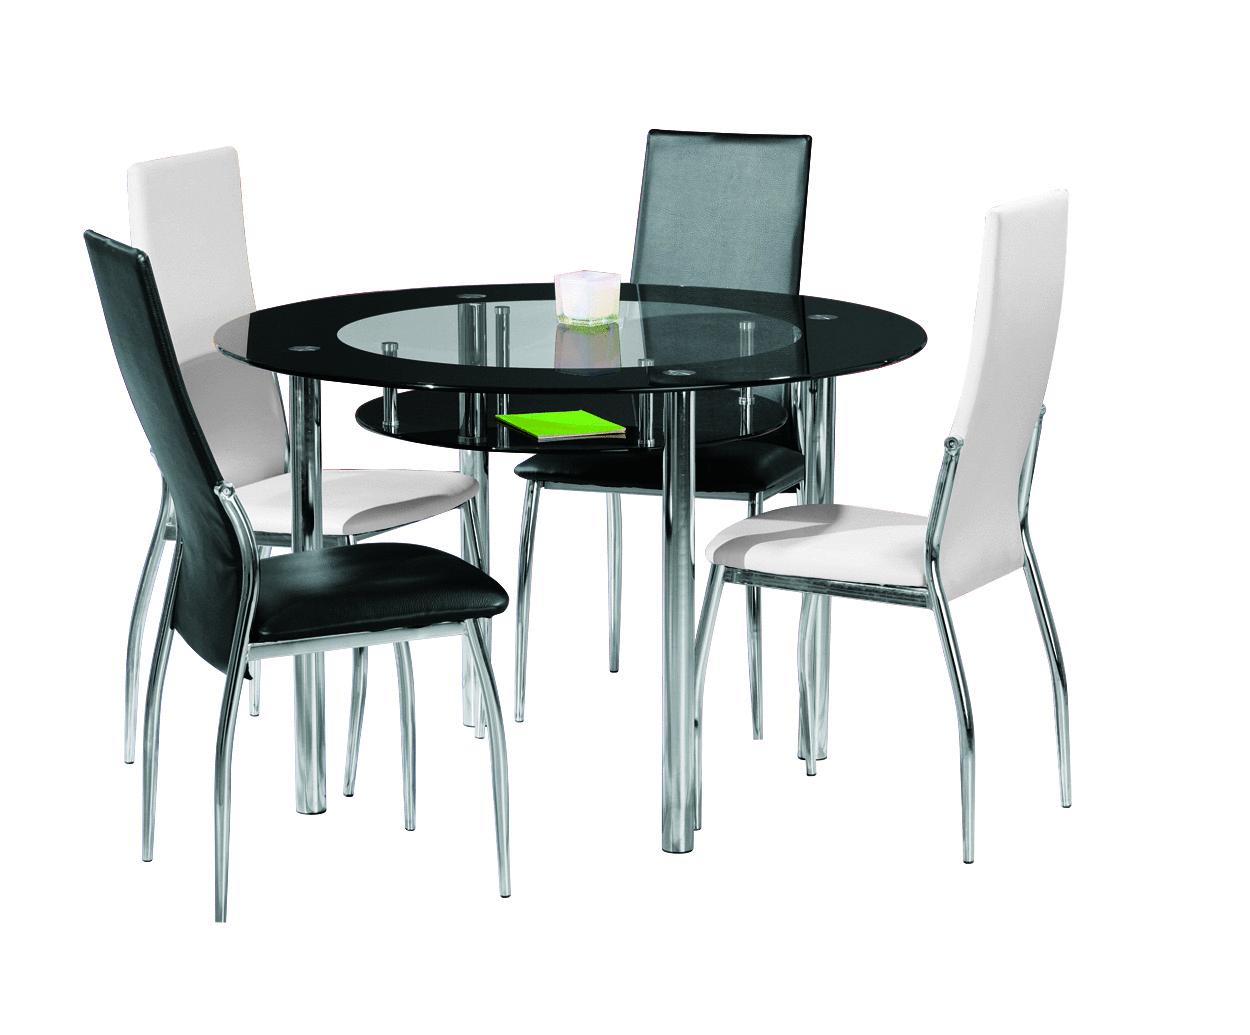 Glass tavolo moderno in vetro tavolo in due modelli per - Piantana per tavolo da pranzo ...